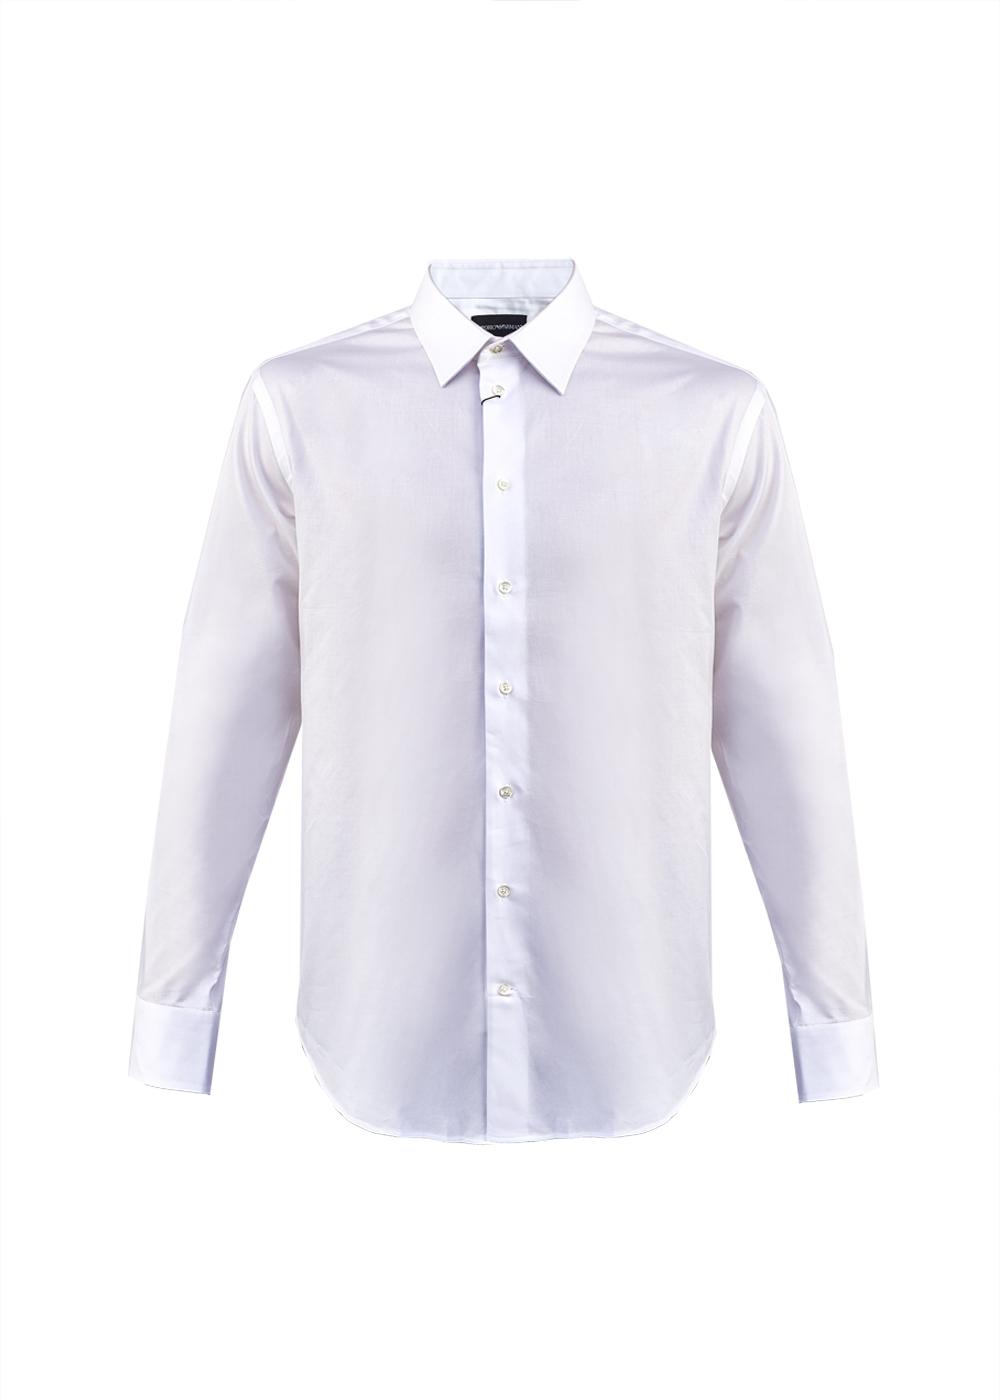 Купить со скидкой Emporio Armani Рубашка